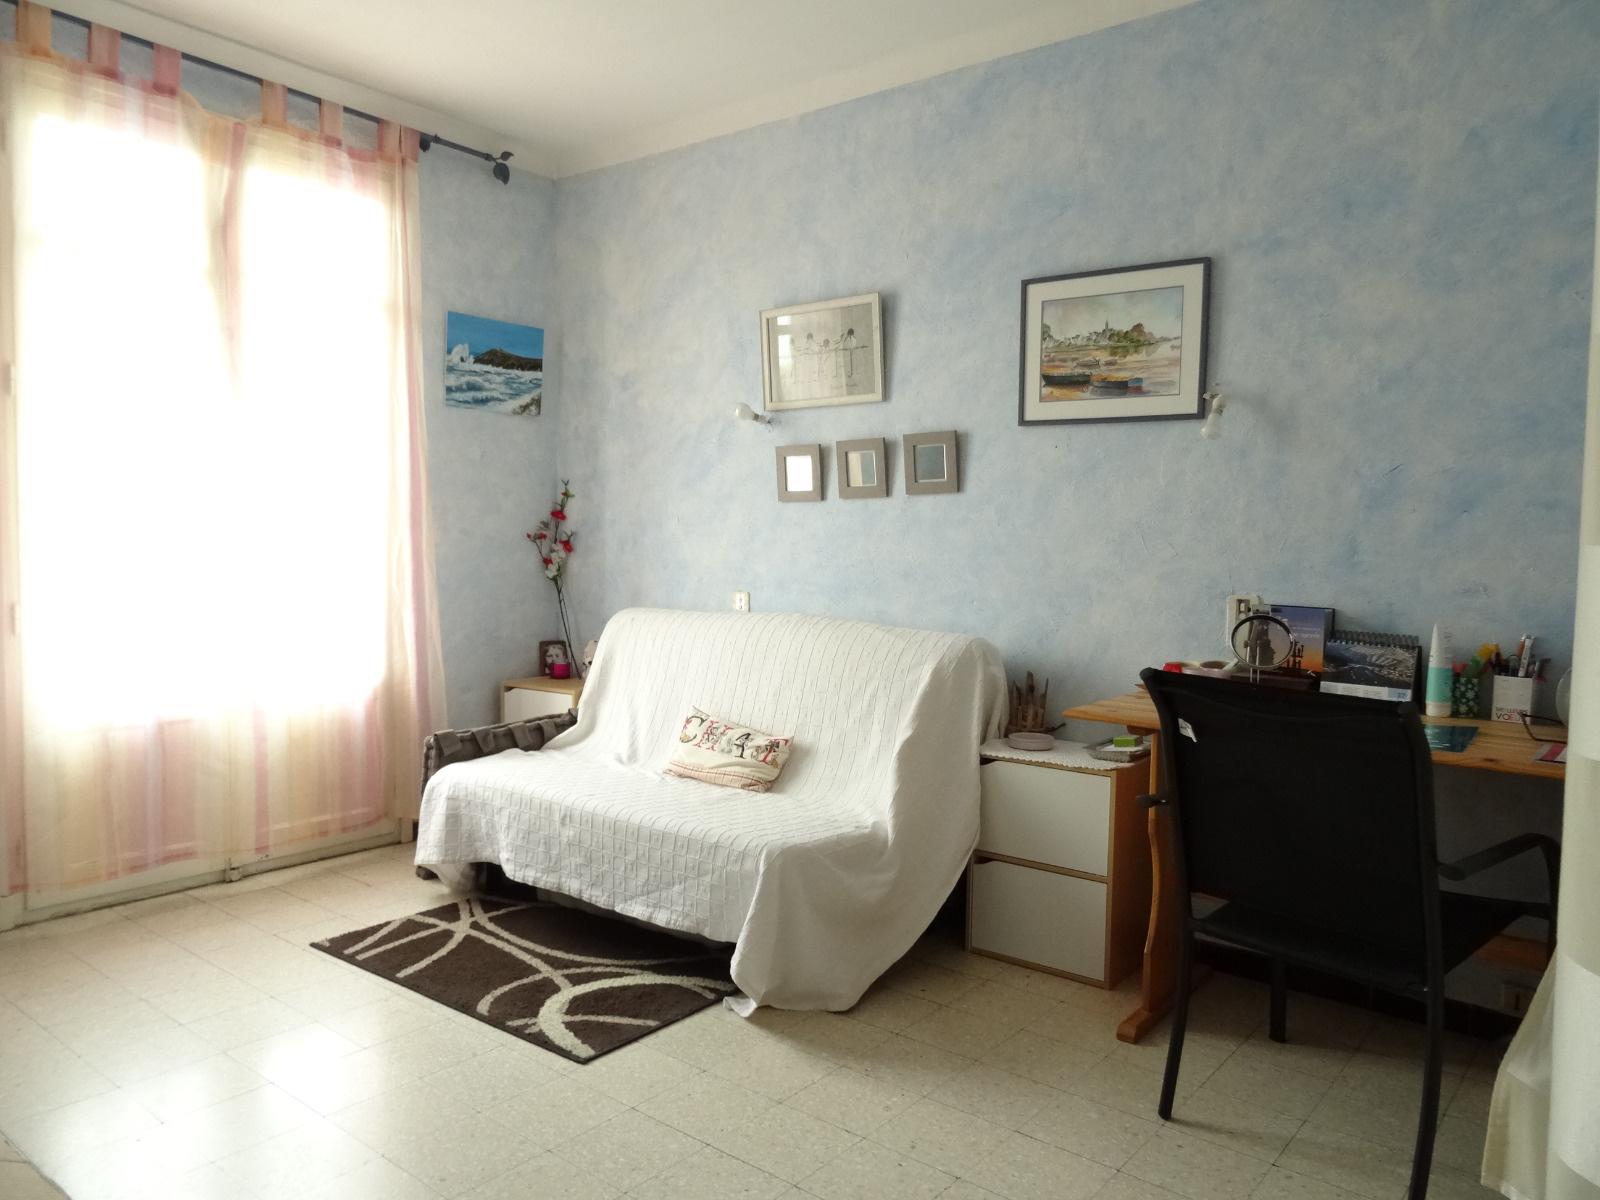 vente vente a perpignan centre appartement type 3 59m sh ascenseur 57 000 casting immobilier. Black Bedroom Furniture Sets. Home Design Ideas